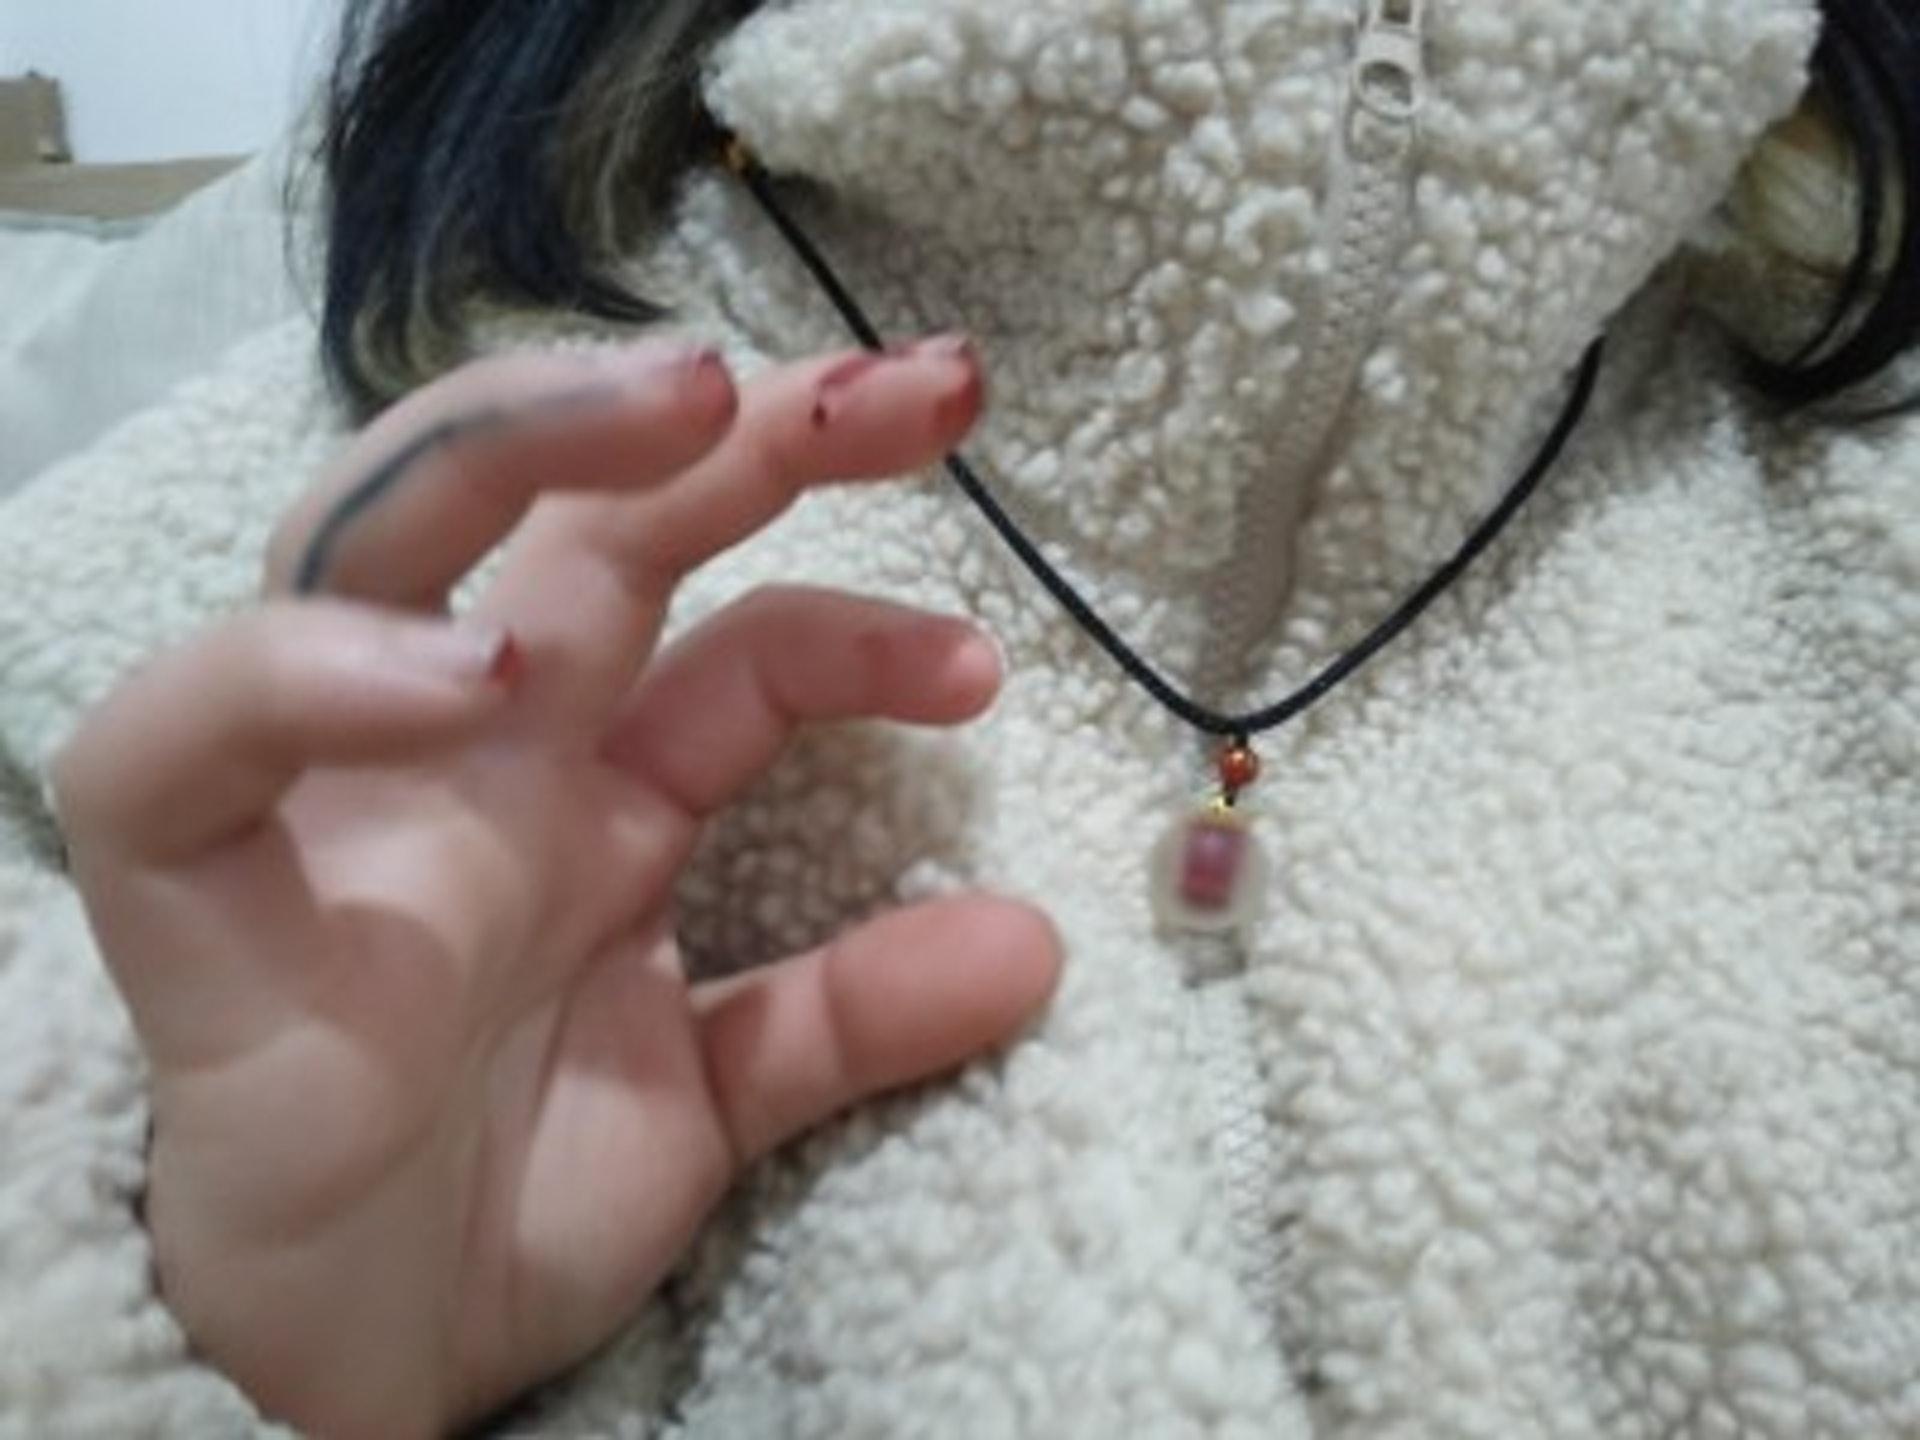 淘寶熱賣「血吊墜」 少女瘋搶「割手指放血」:給男友擋災